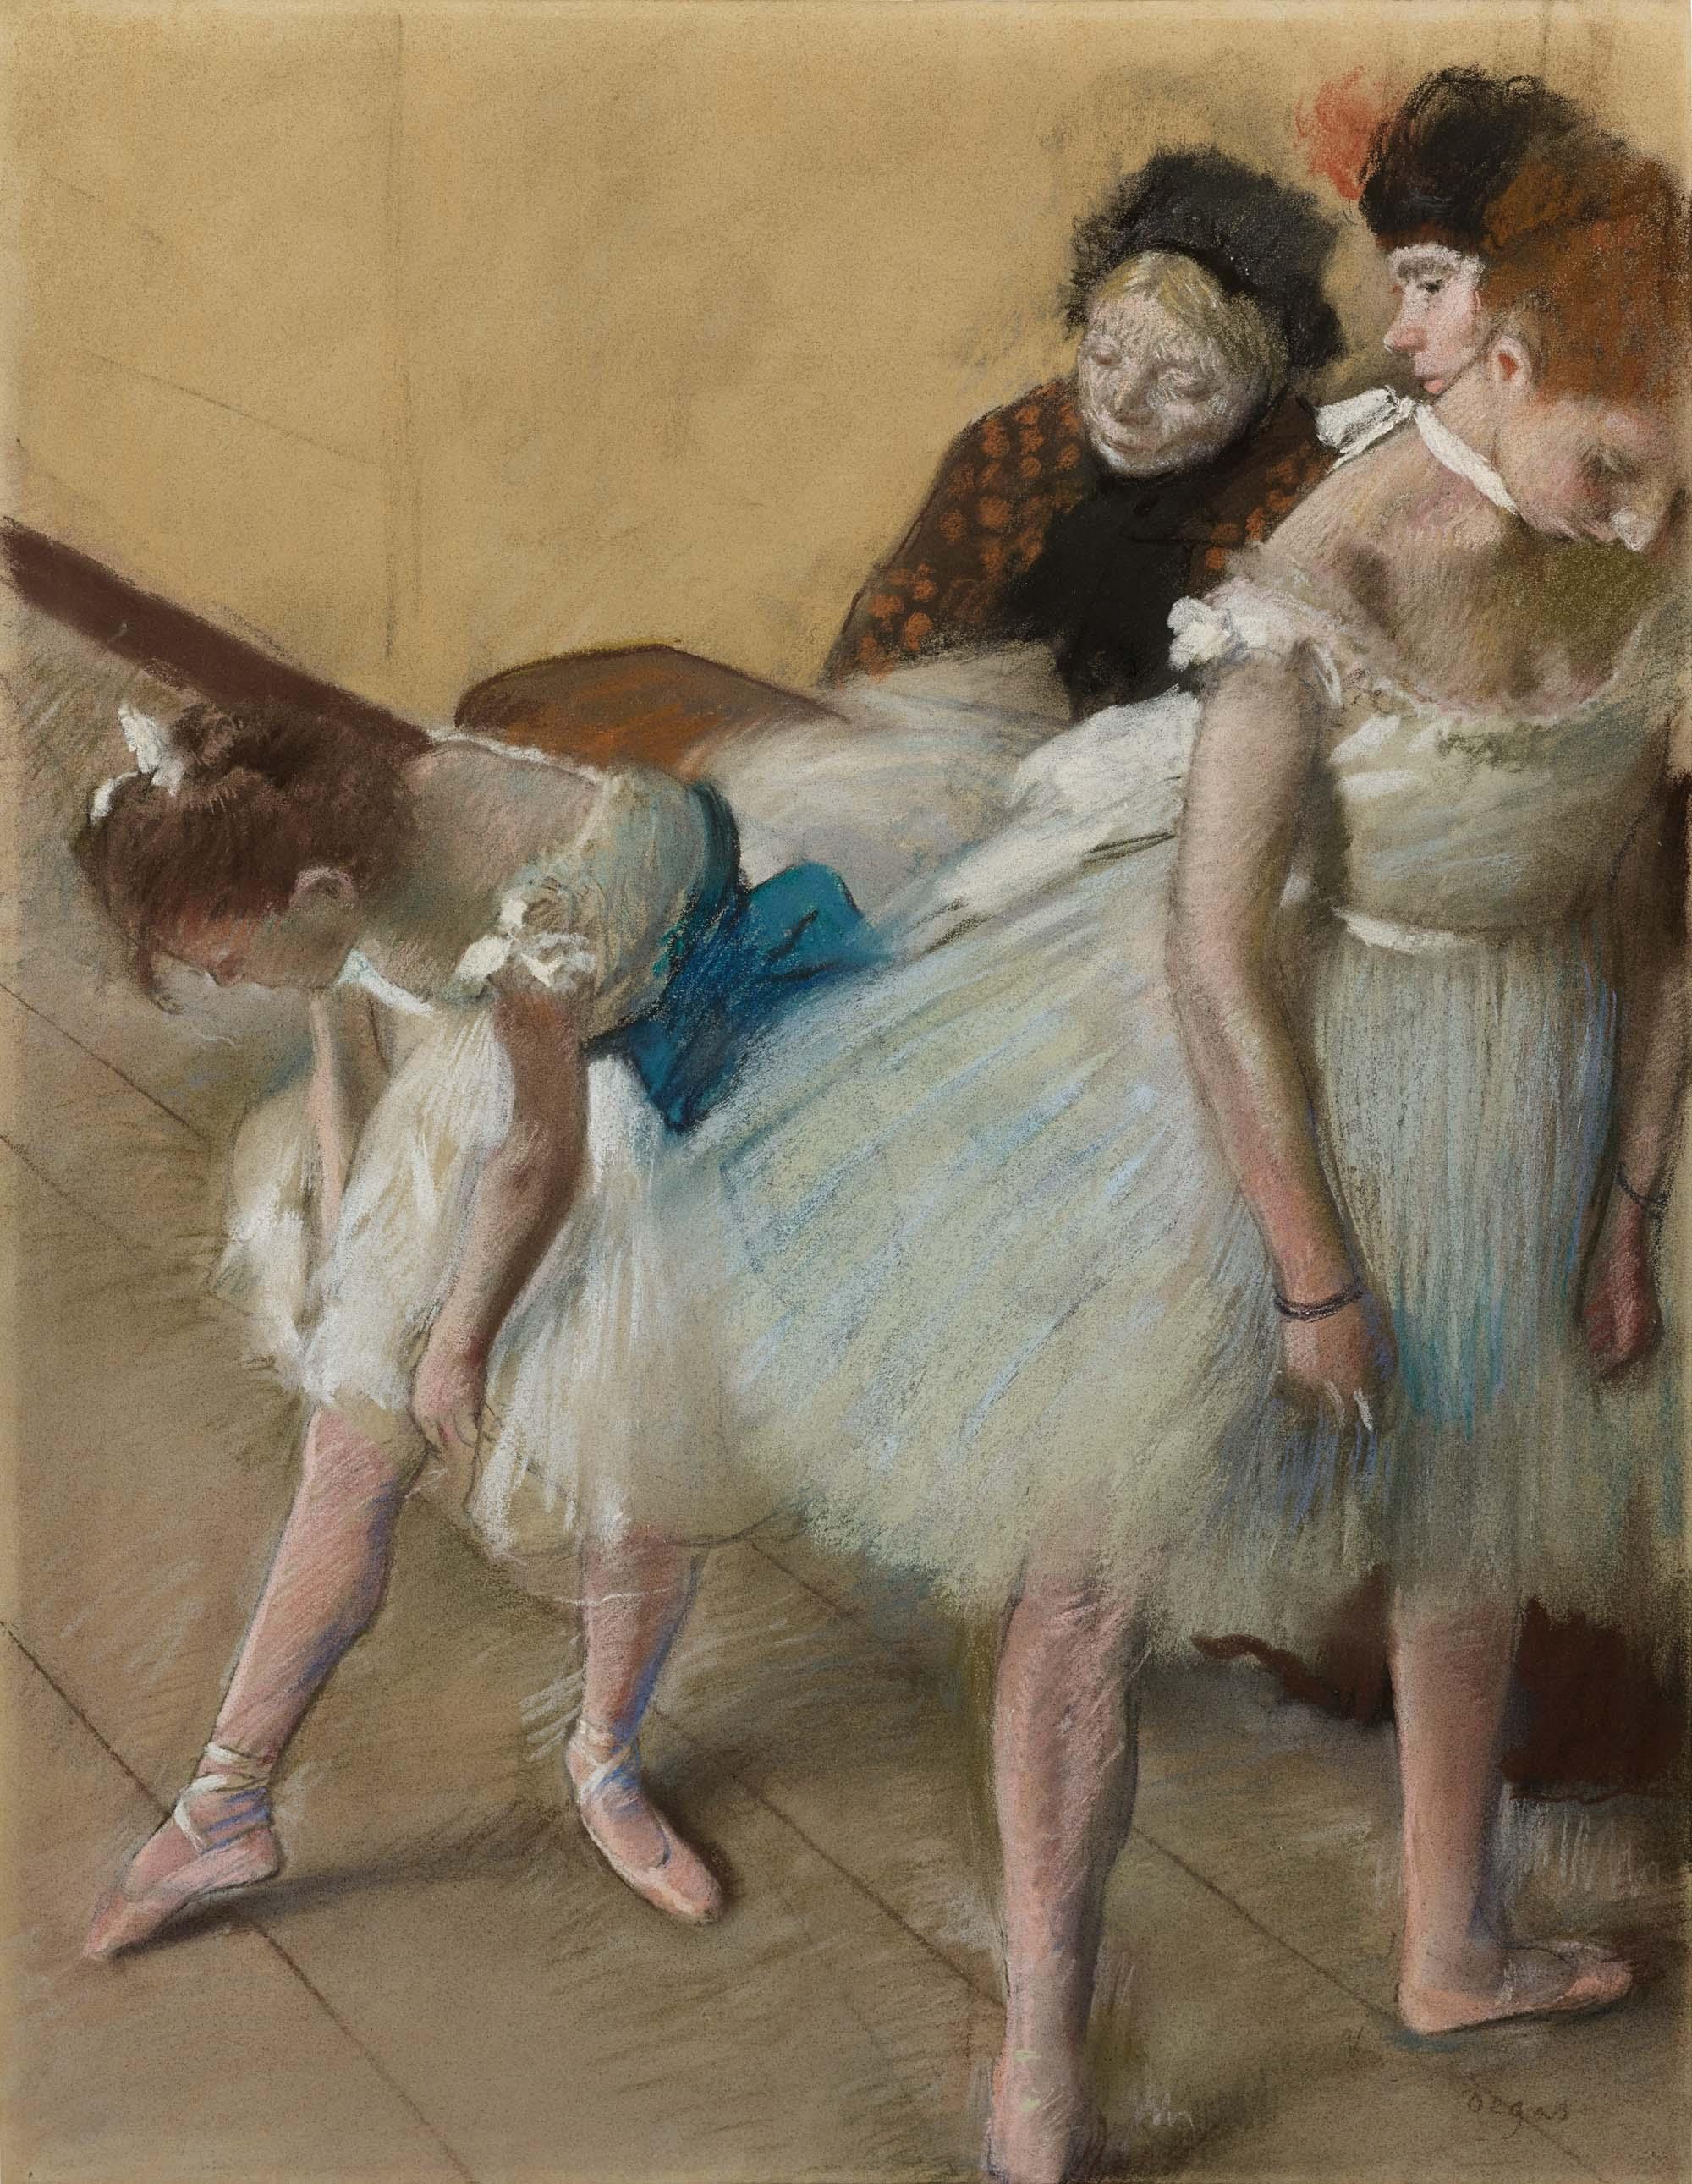 Degas-Dance-Examination1880-Denver-Art-Museum.jpg